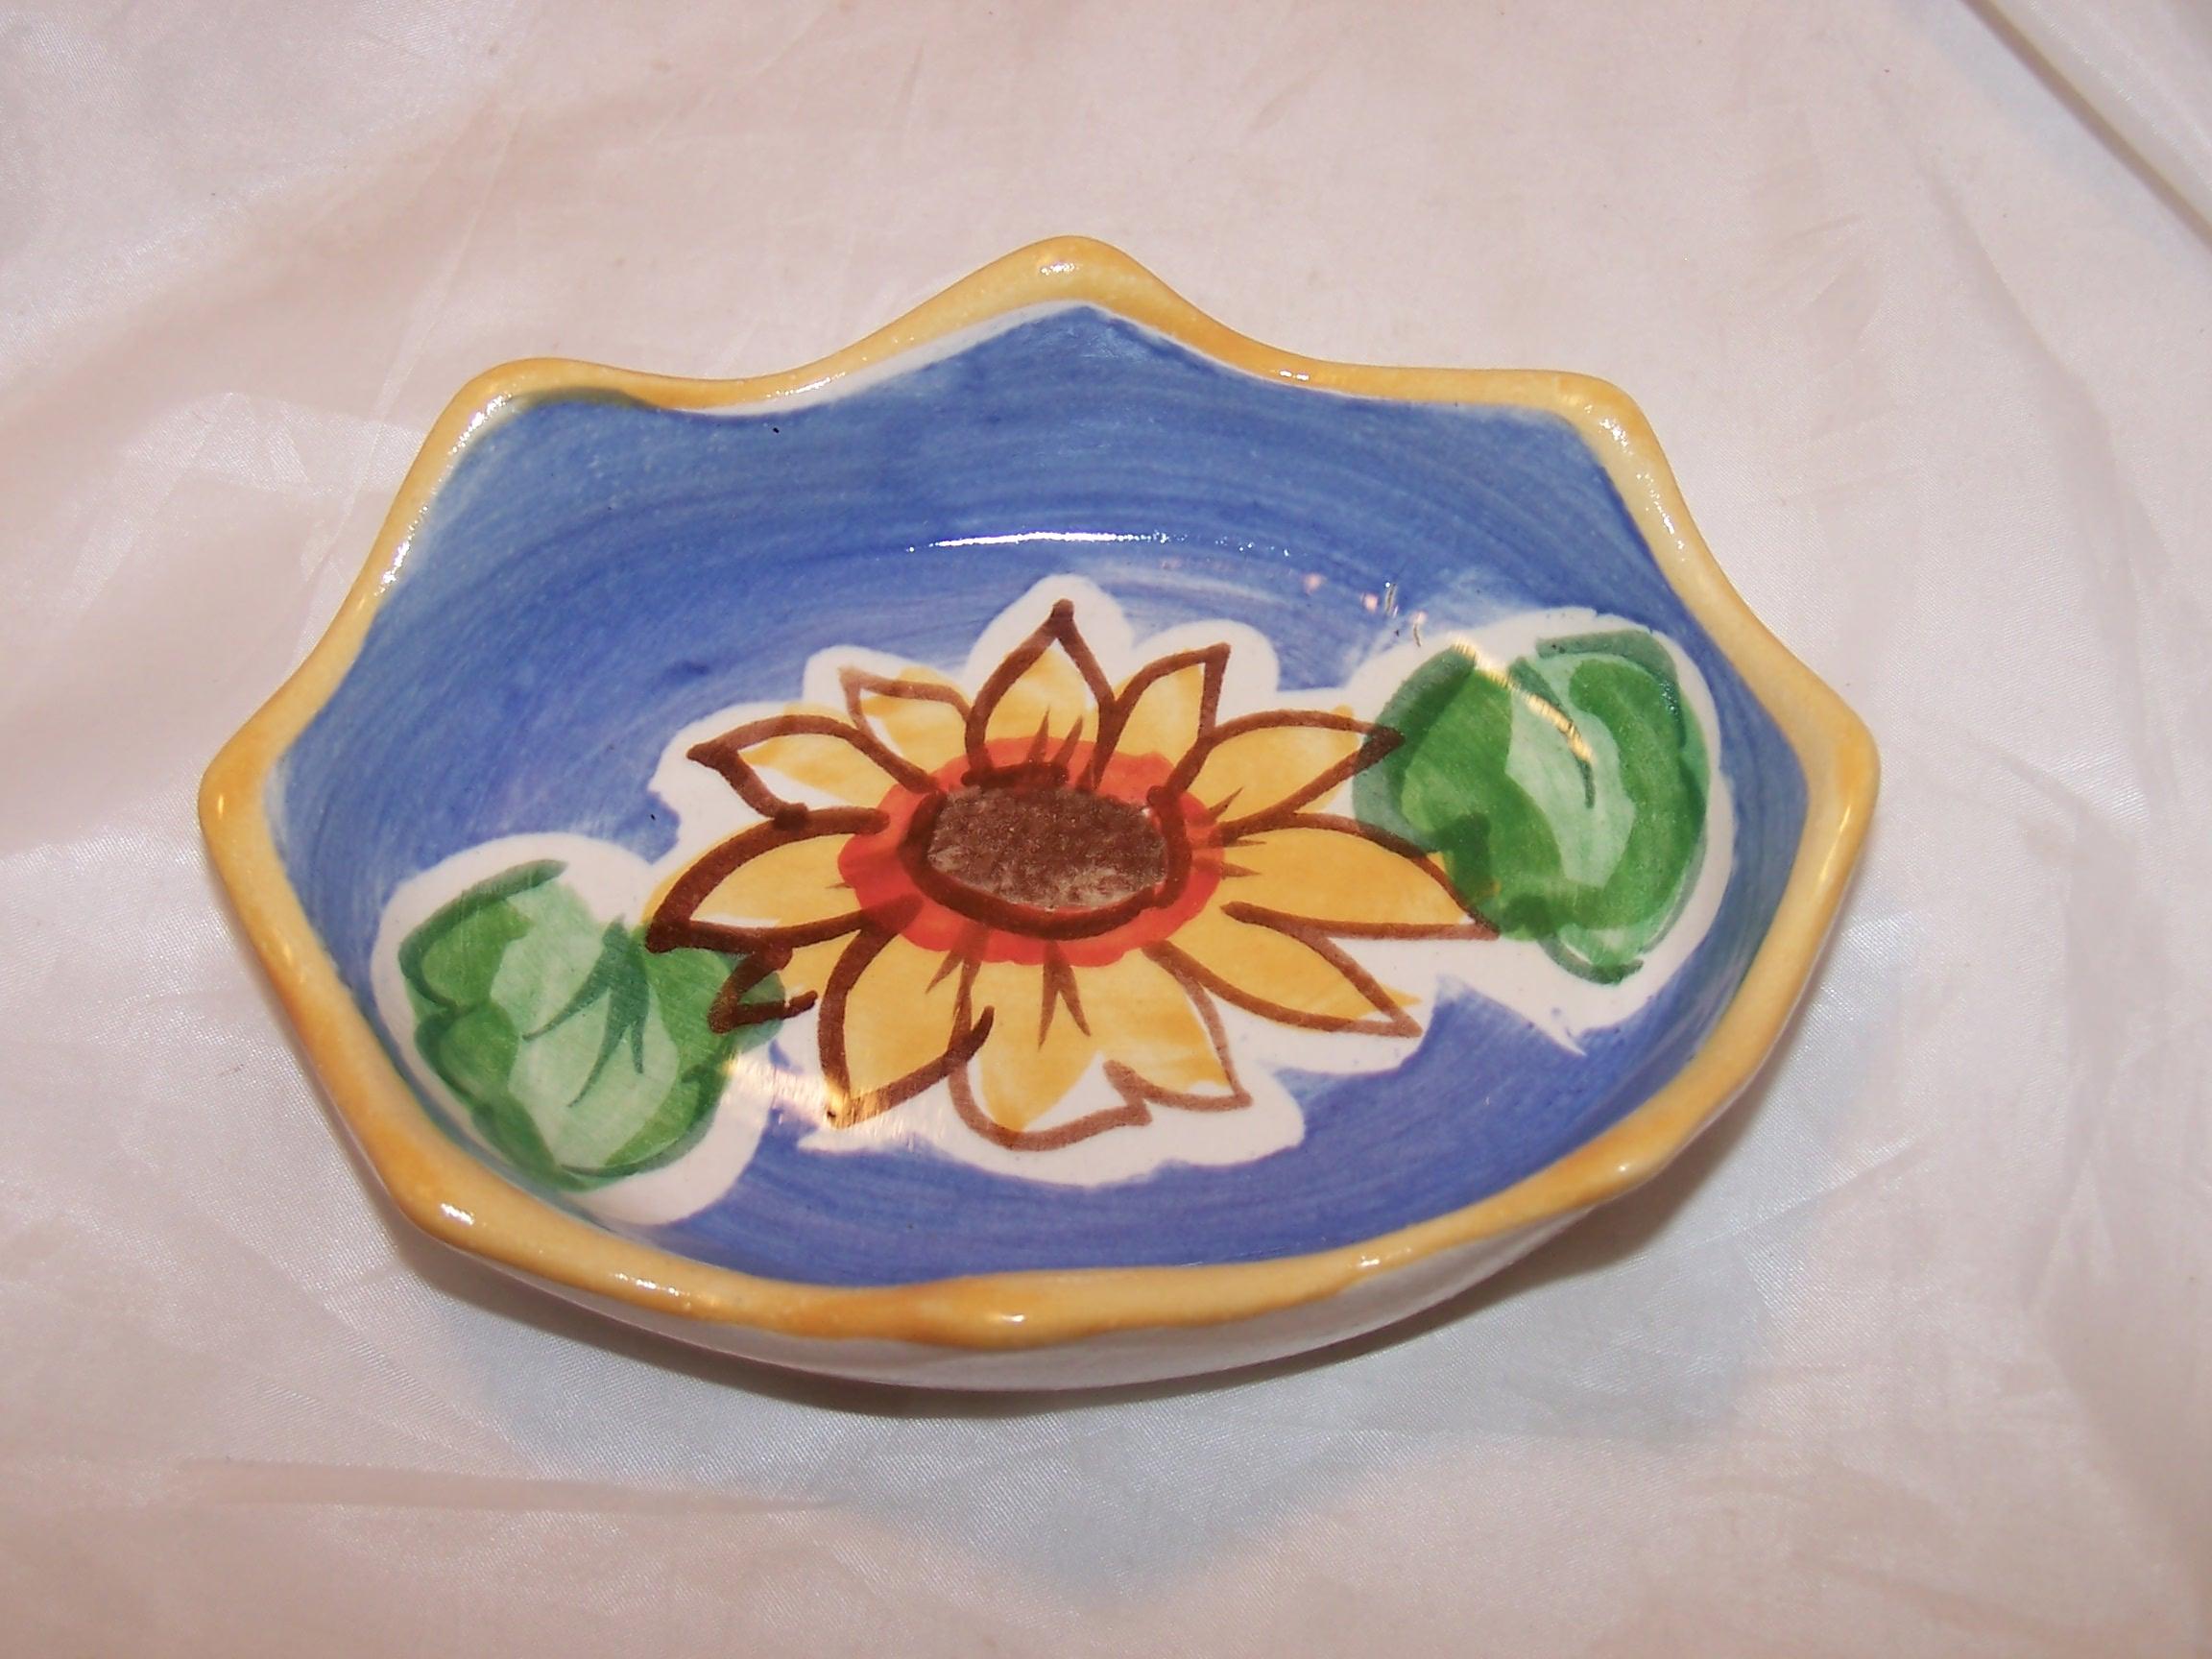 Sunflower Soap Dish, Fioriware